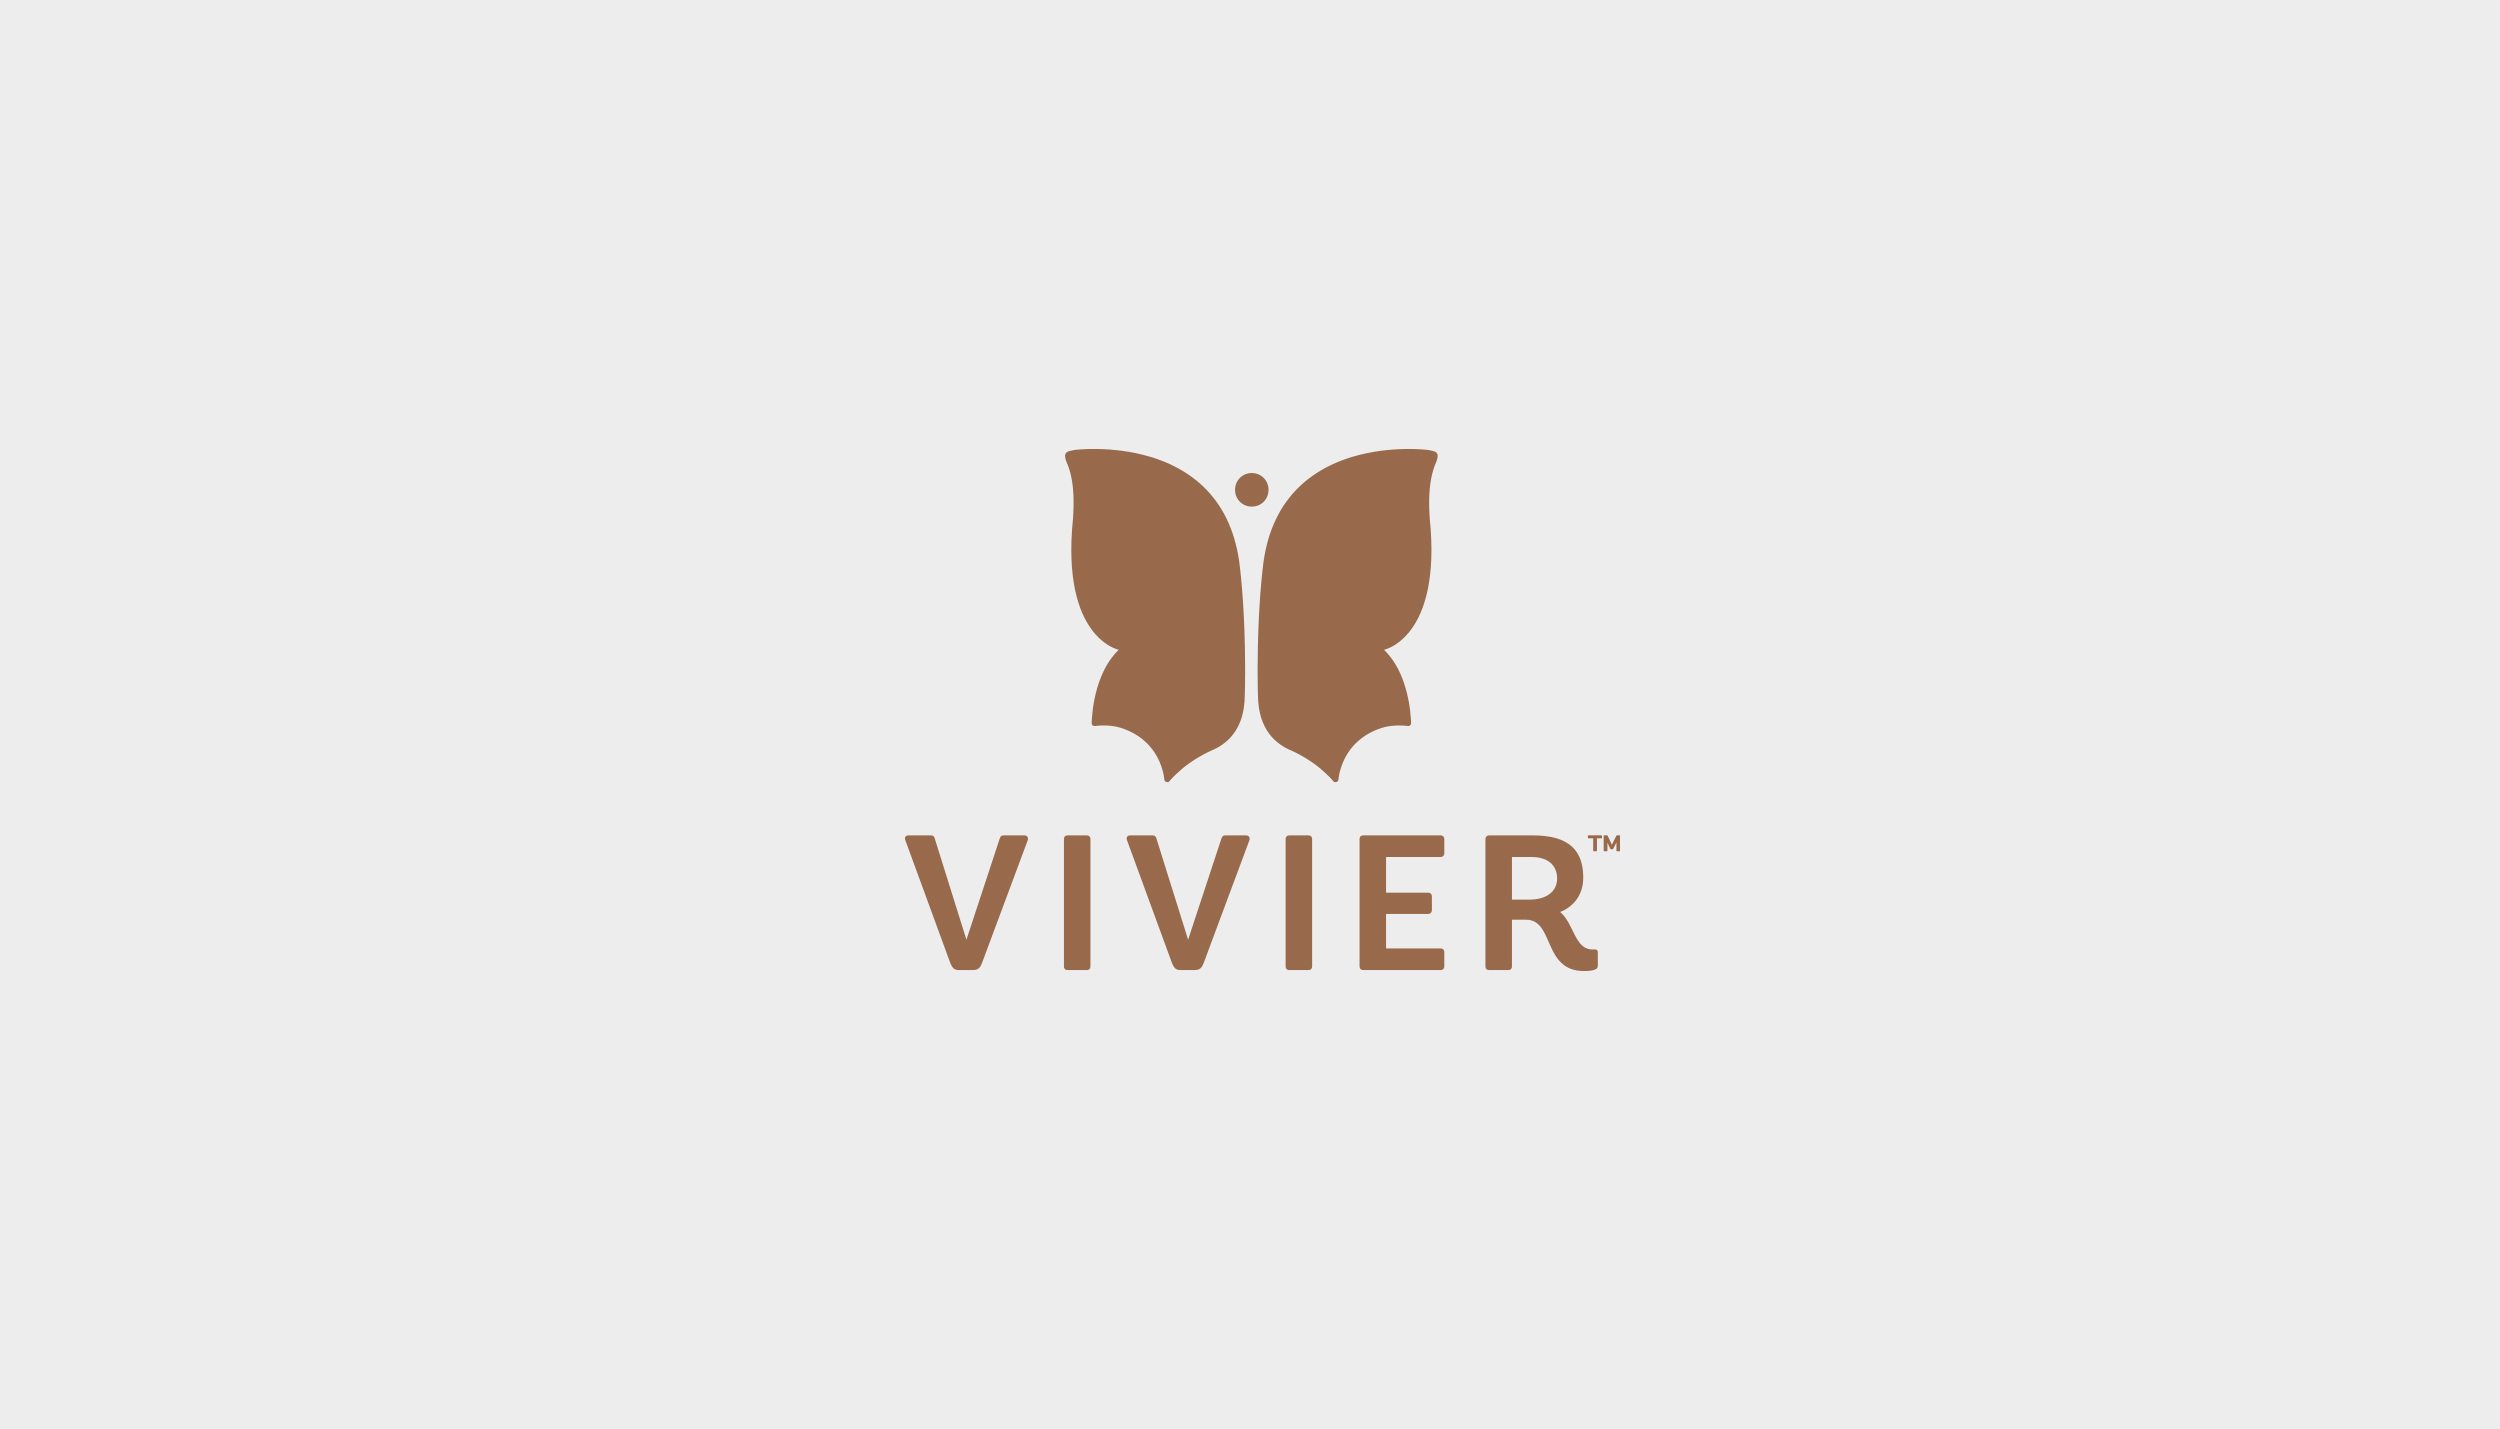 Vivier_logo.jpg